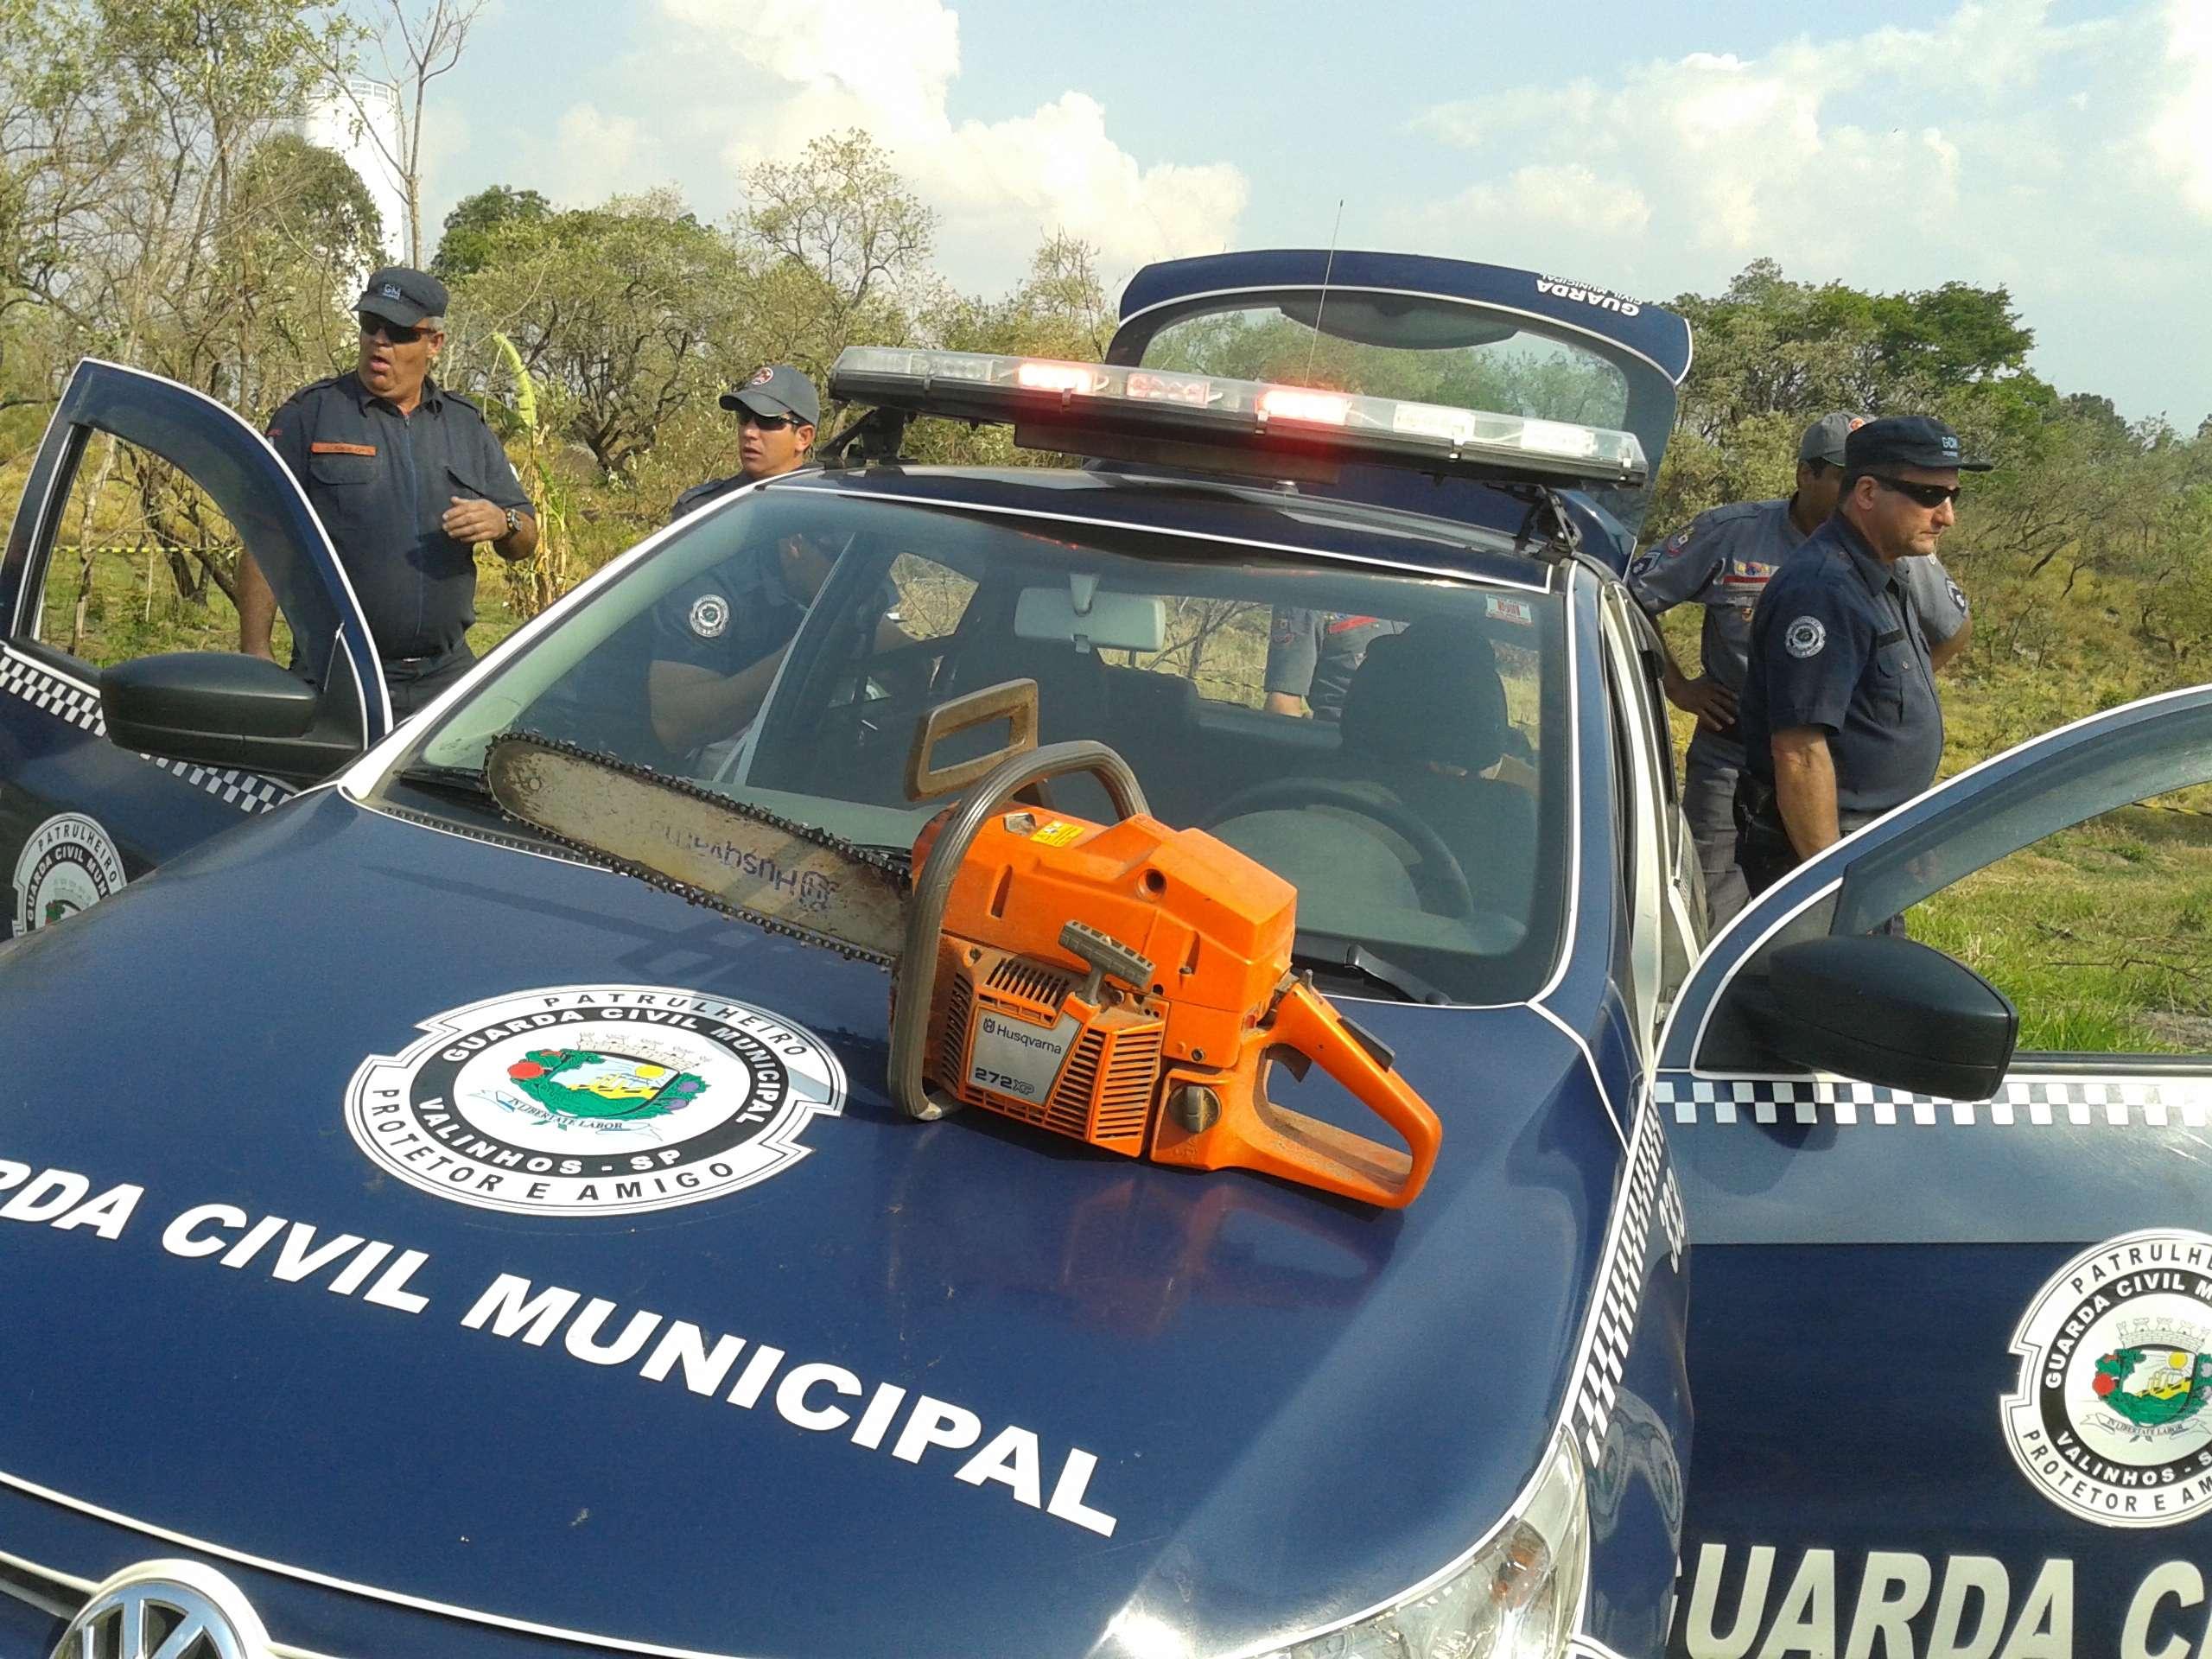 Foto: Guarda Civil Municipal de Valinhos/Divulgação